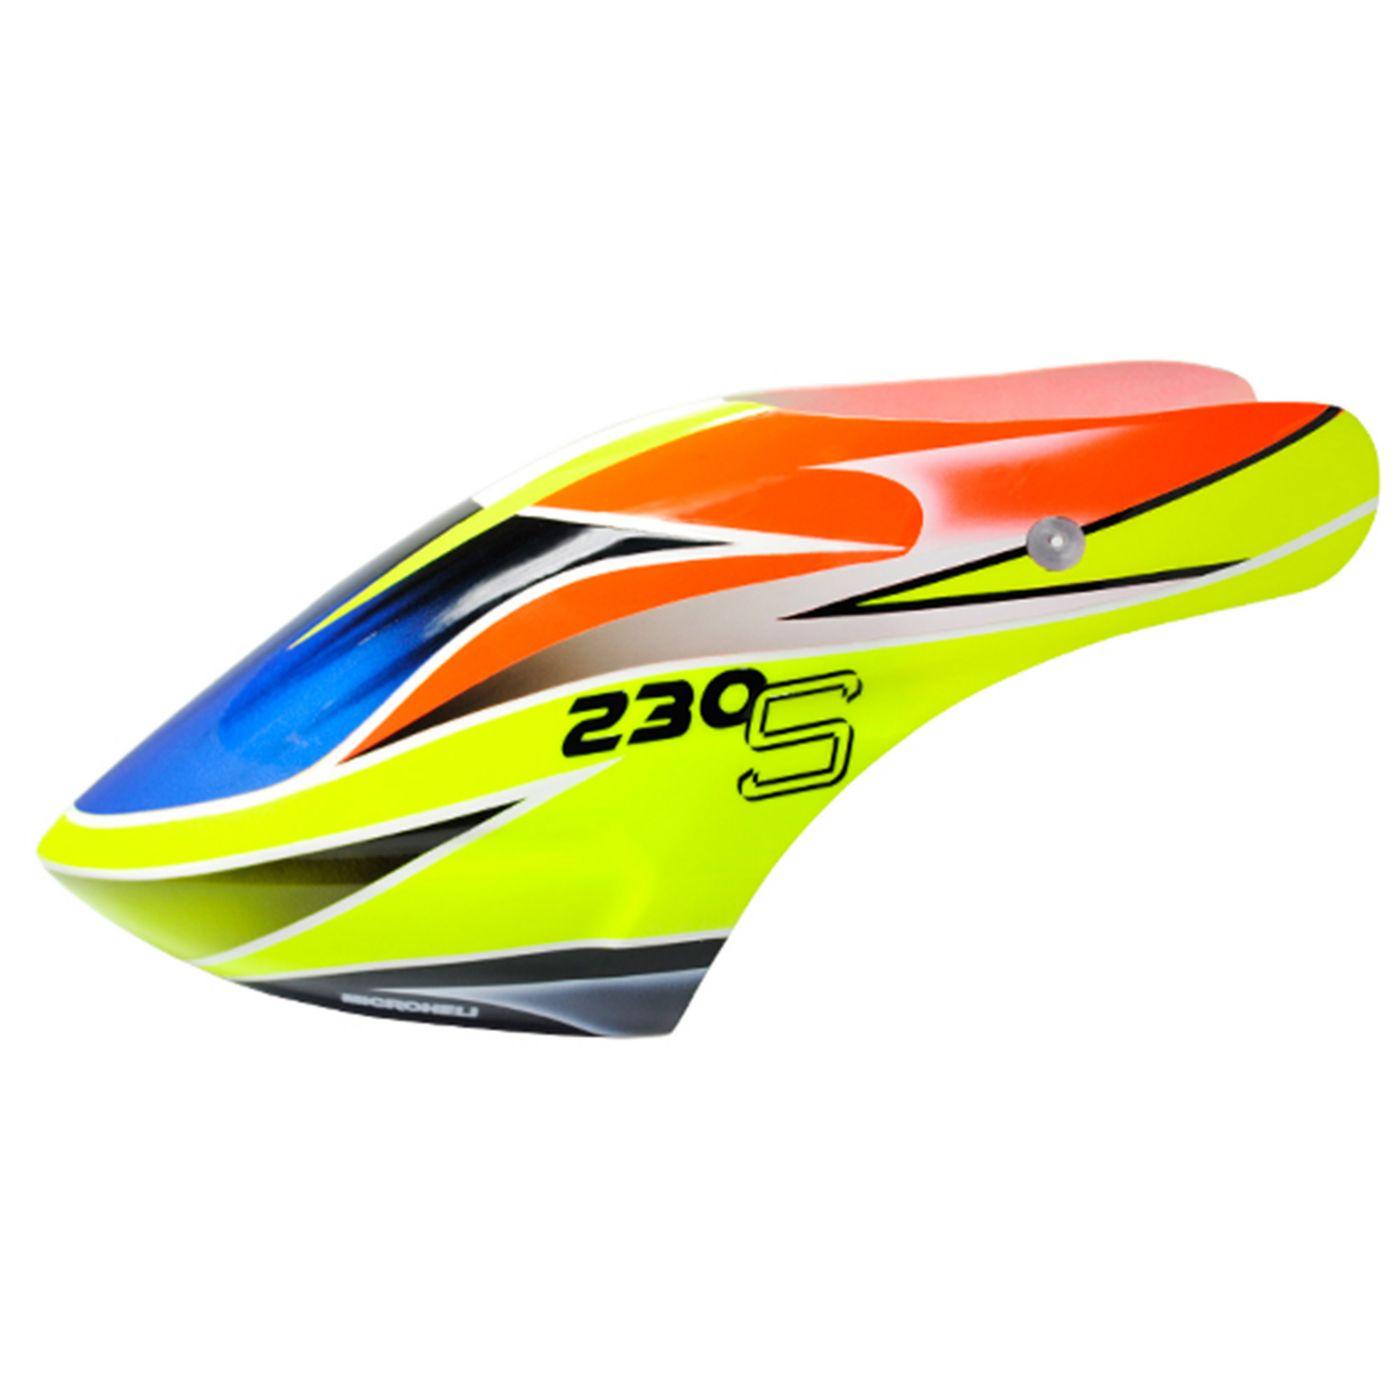 Image for Airbrush Fiberglass Speed Racing Canopy 230 S from HorizonHobby  sc 1 st  Horizon Hobby & Airbrush Fiberglass Speed Racing Canopy: 230 S | HorizonHobby